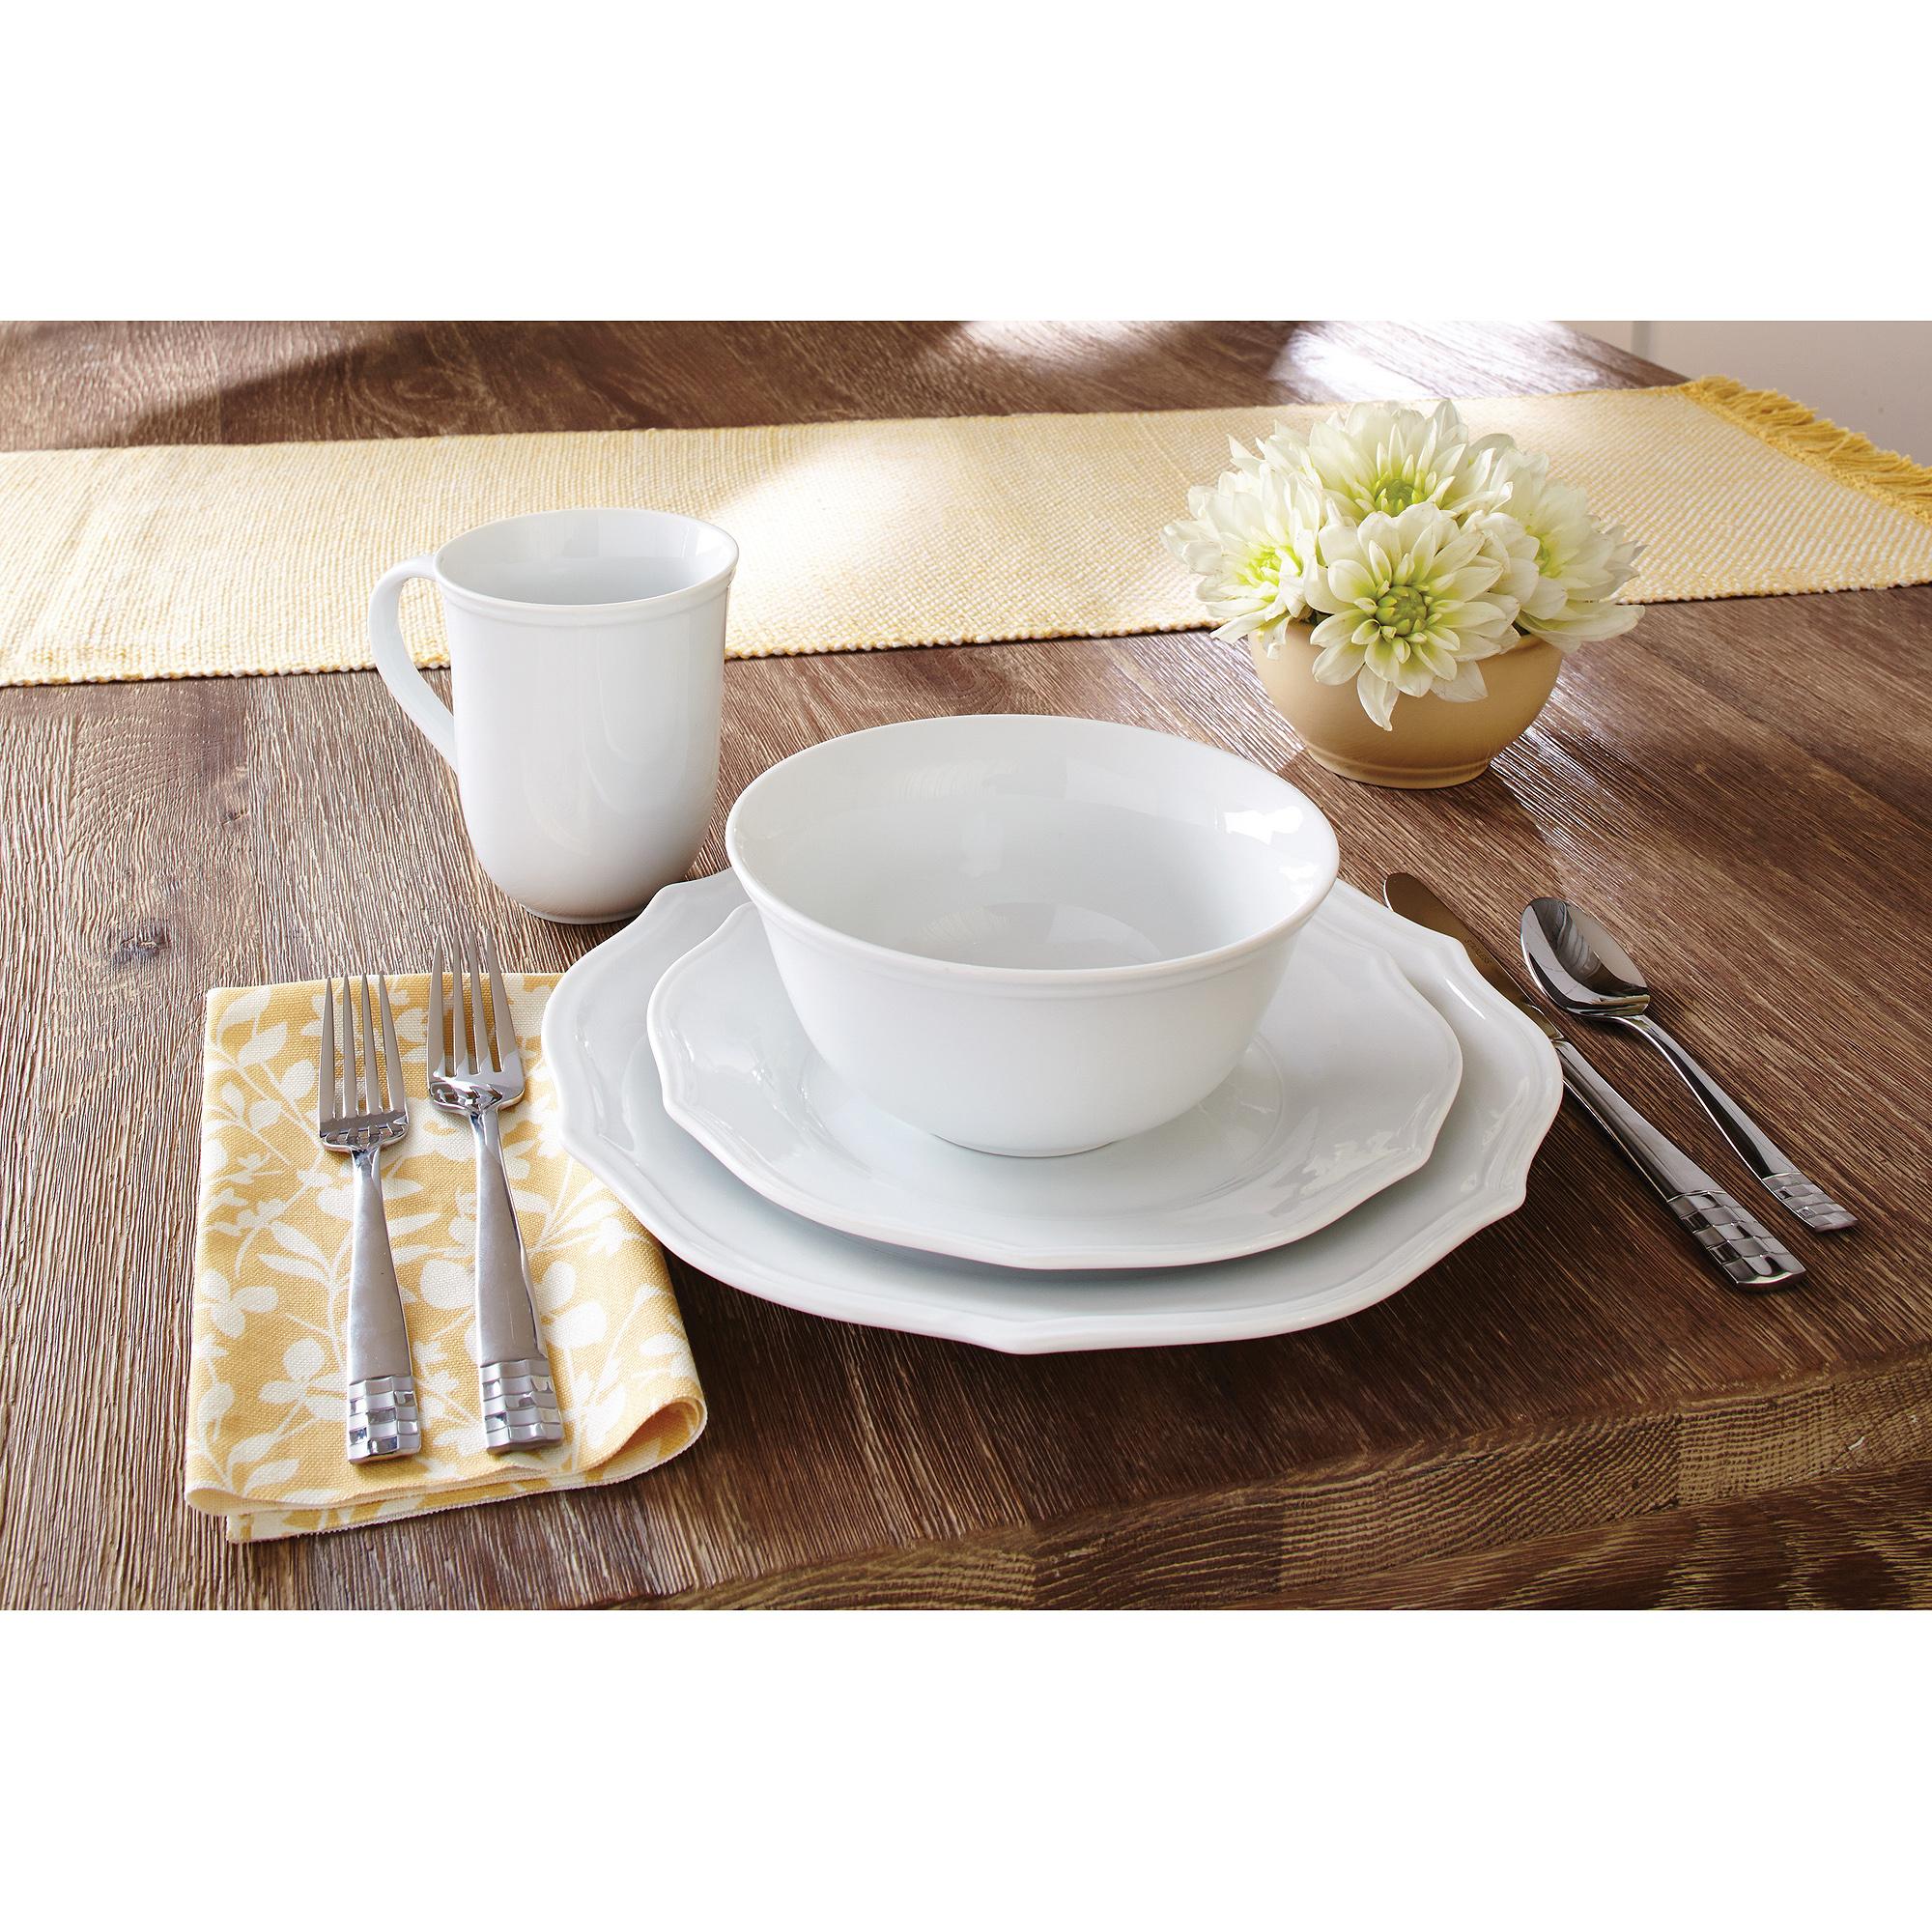 Better Homes & Gardens 16-Piece Scalloped Porcelain Dinnerware Set, White